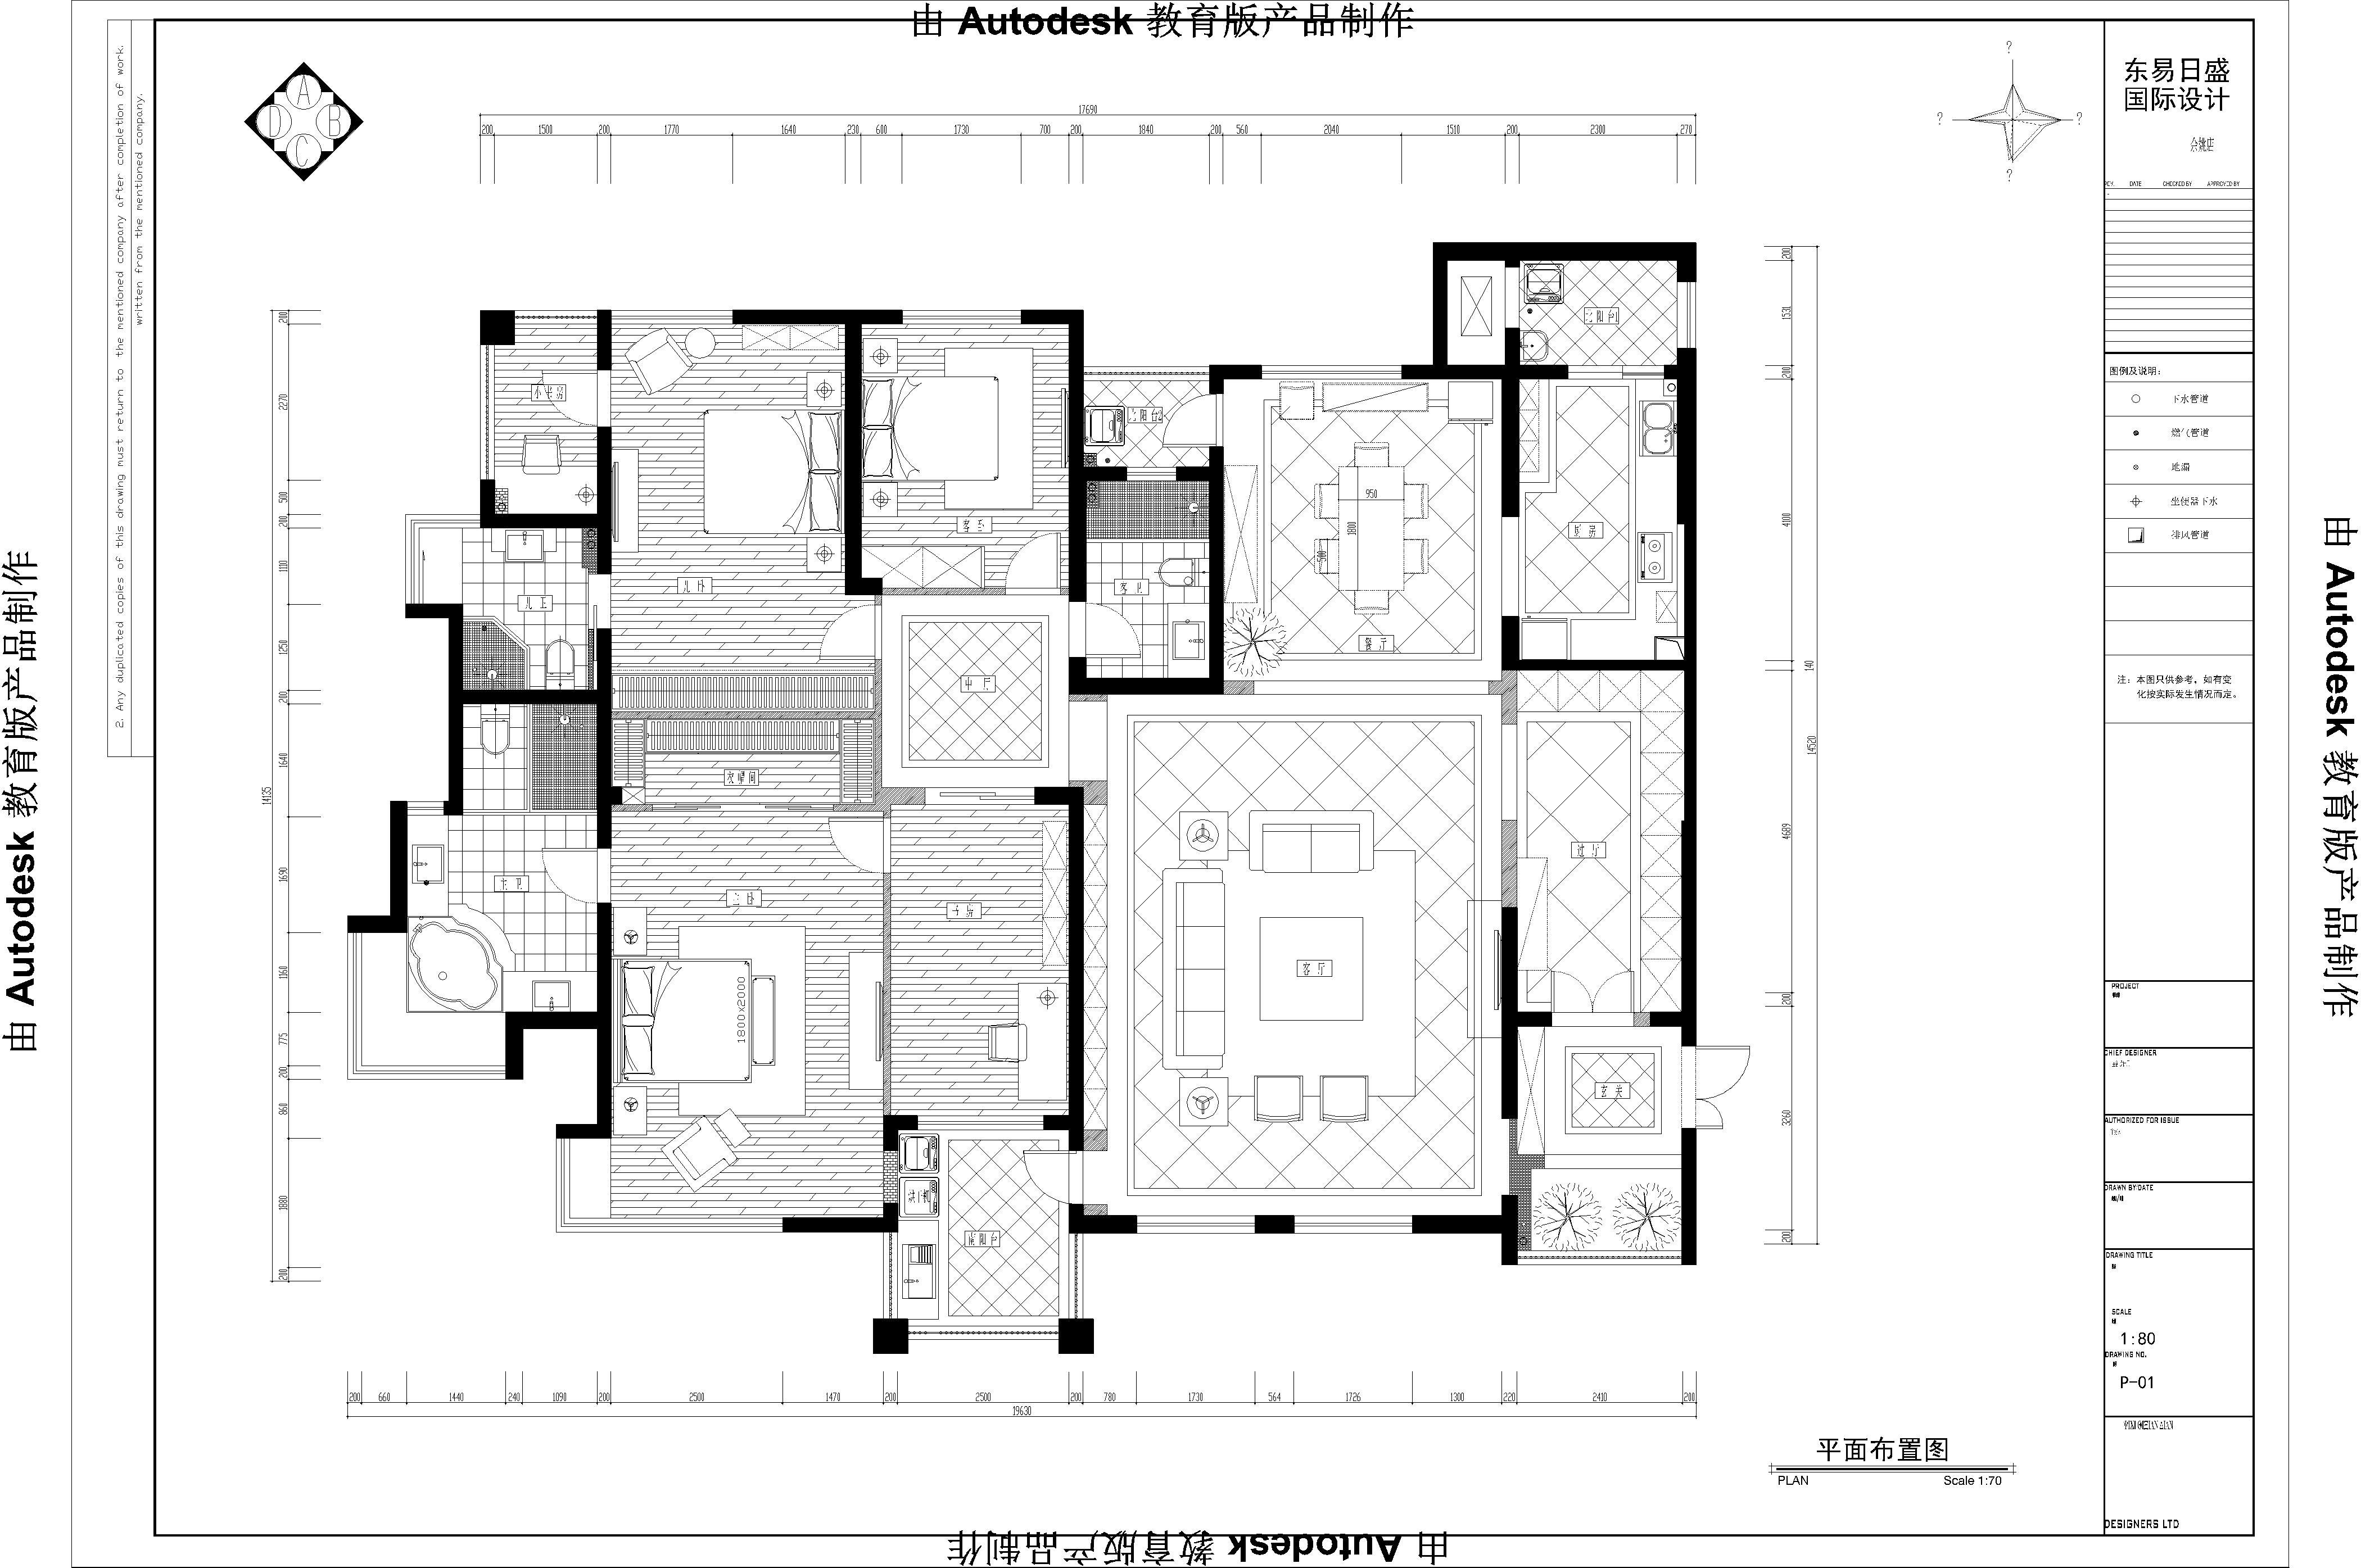 伊顿国际 欧式古典装修设计理念